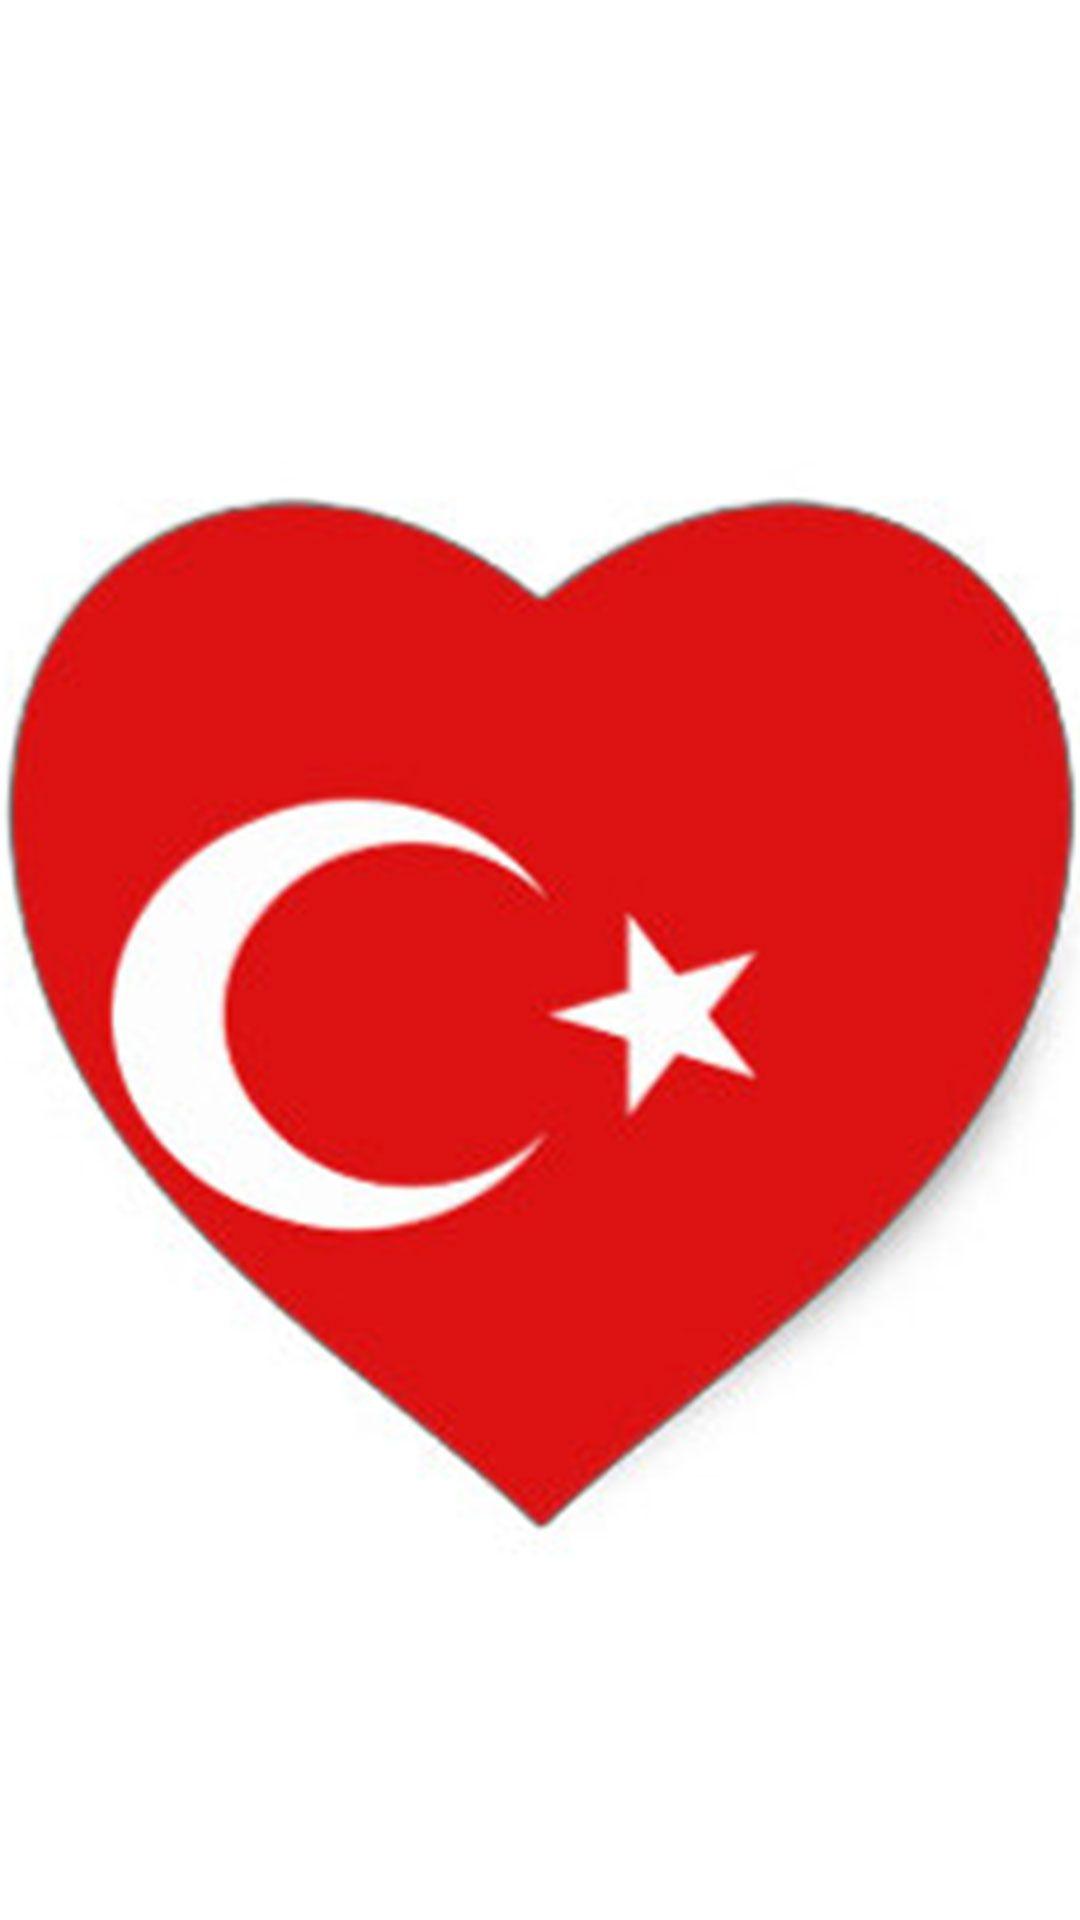 Kalpli Türk Bayrağı Resimleri Indir Türk Bayrakları